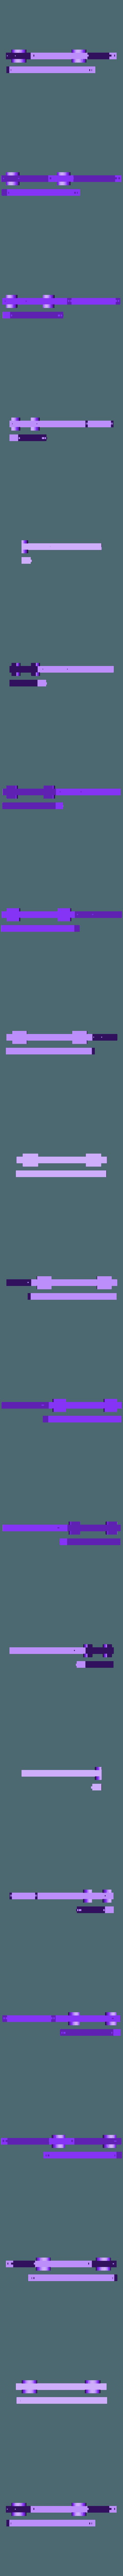 base_con_agujeros_bruce_leee2.stl Télécharger fichier STL gratuit cadre dessin 3D Cristiano Ronaldo CR7 • Modèle à imprimer en 3D, 3dlito